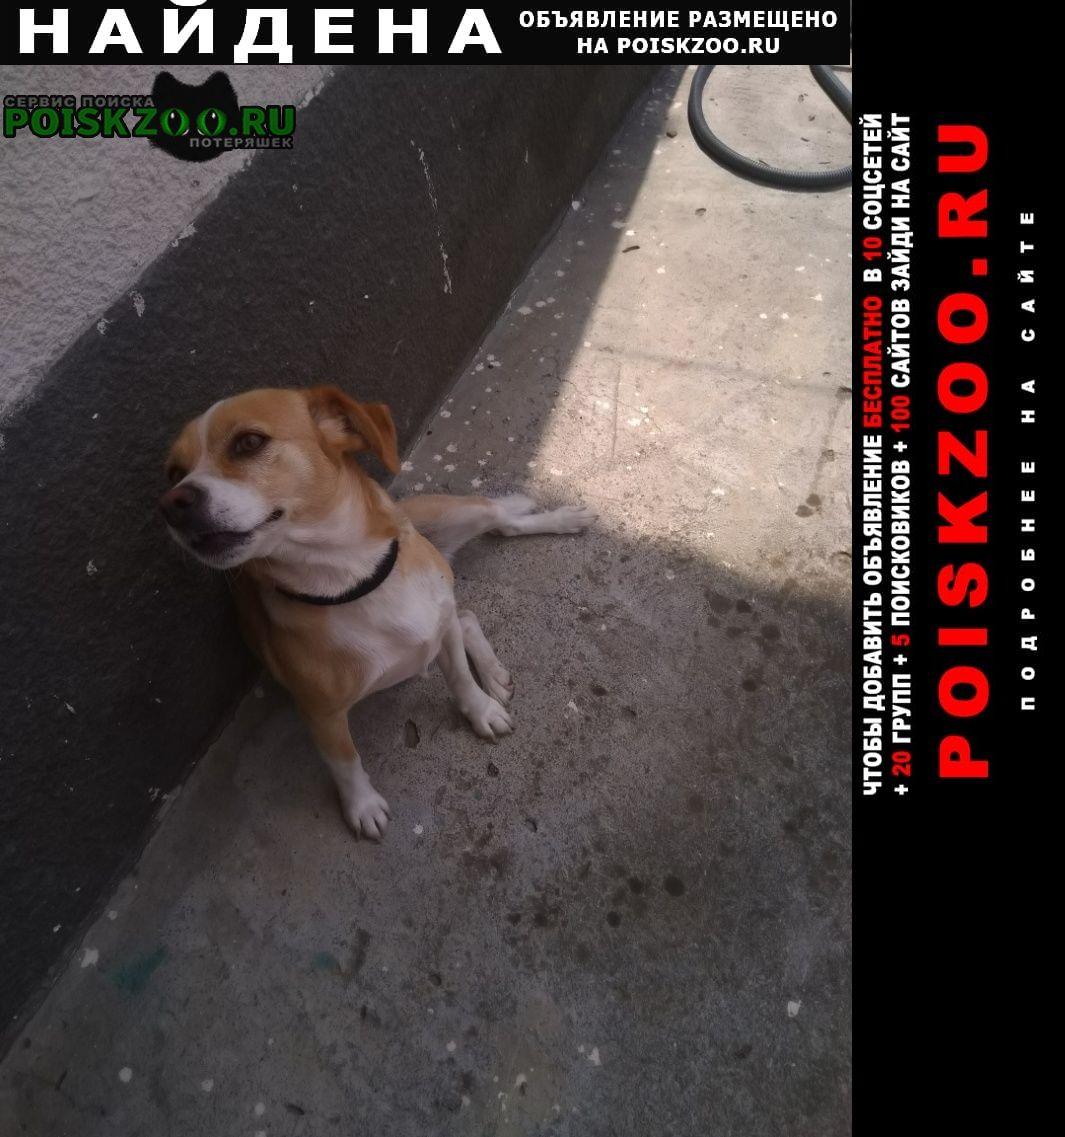 Найдена собака Адлер